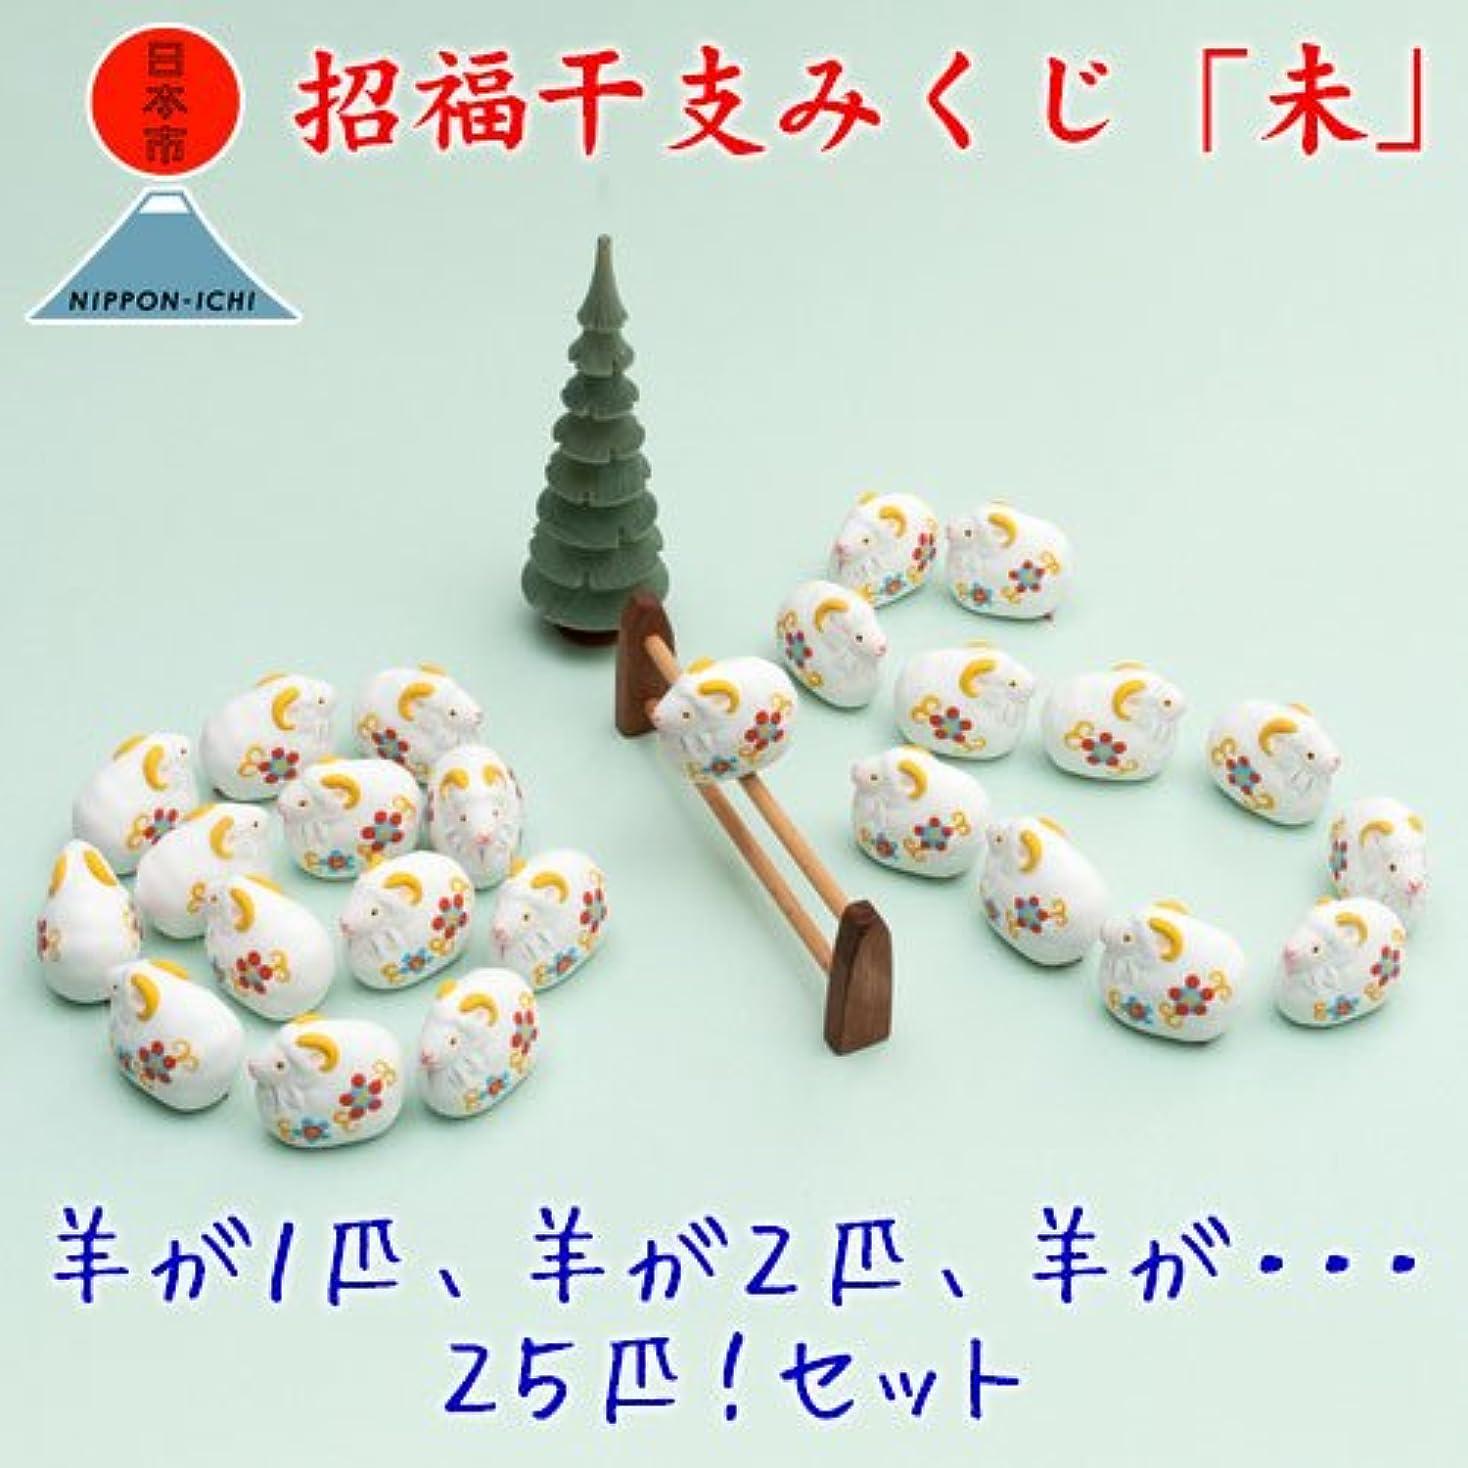 福祉団結ボタン【ノーブランド品】羊が1匹、羊が2匹、羊が・・・25匹招福干支みくじ「未」日本市正月おみくじセット